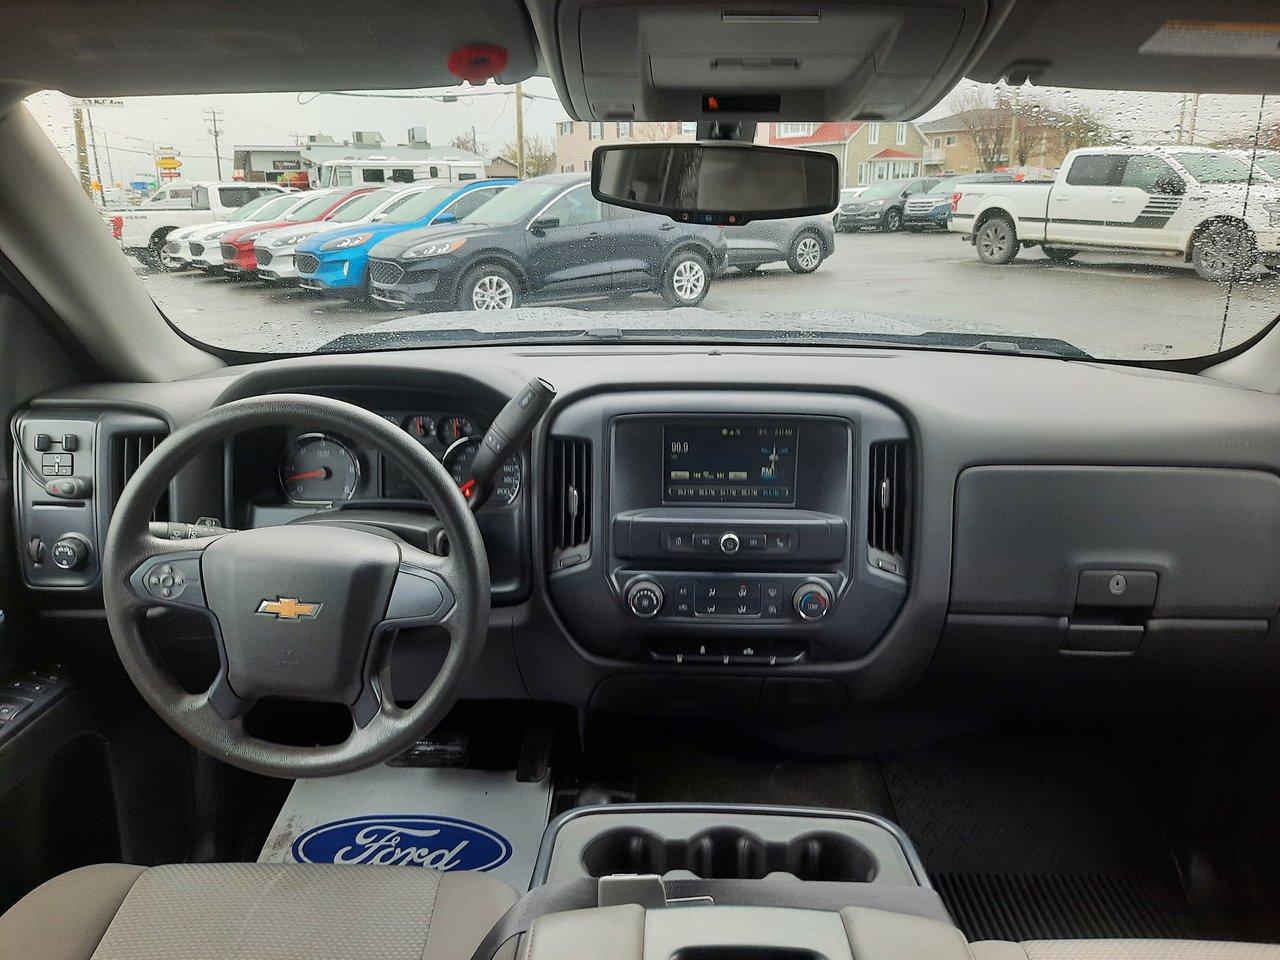 2018 Chevrolet Silverado 1500 CREW CAB SWB 4WD